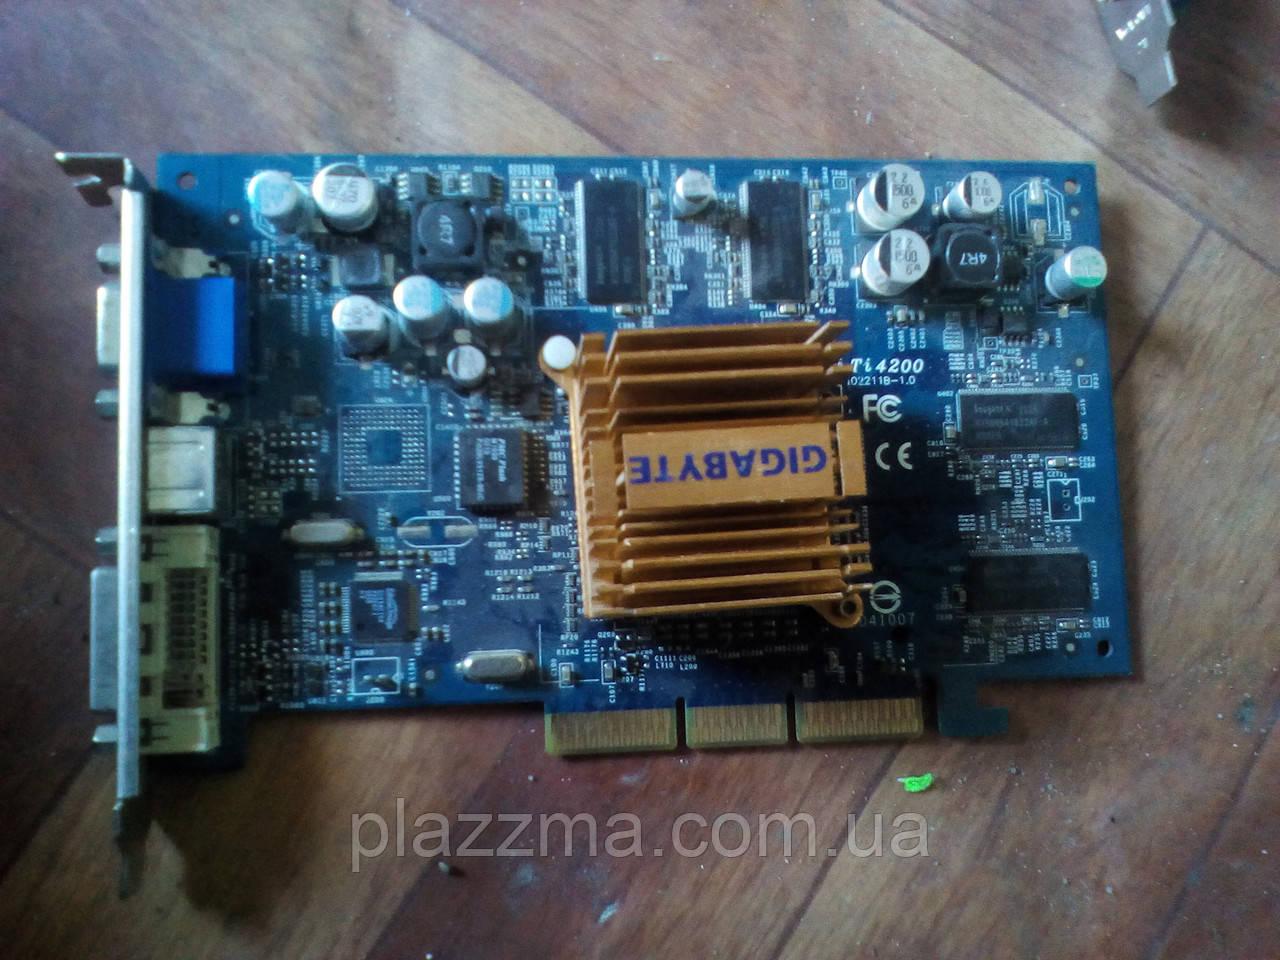 Видеокарта AGP Nvidia Geforce 4 Ti4200 64Mb 128bit